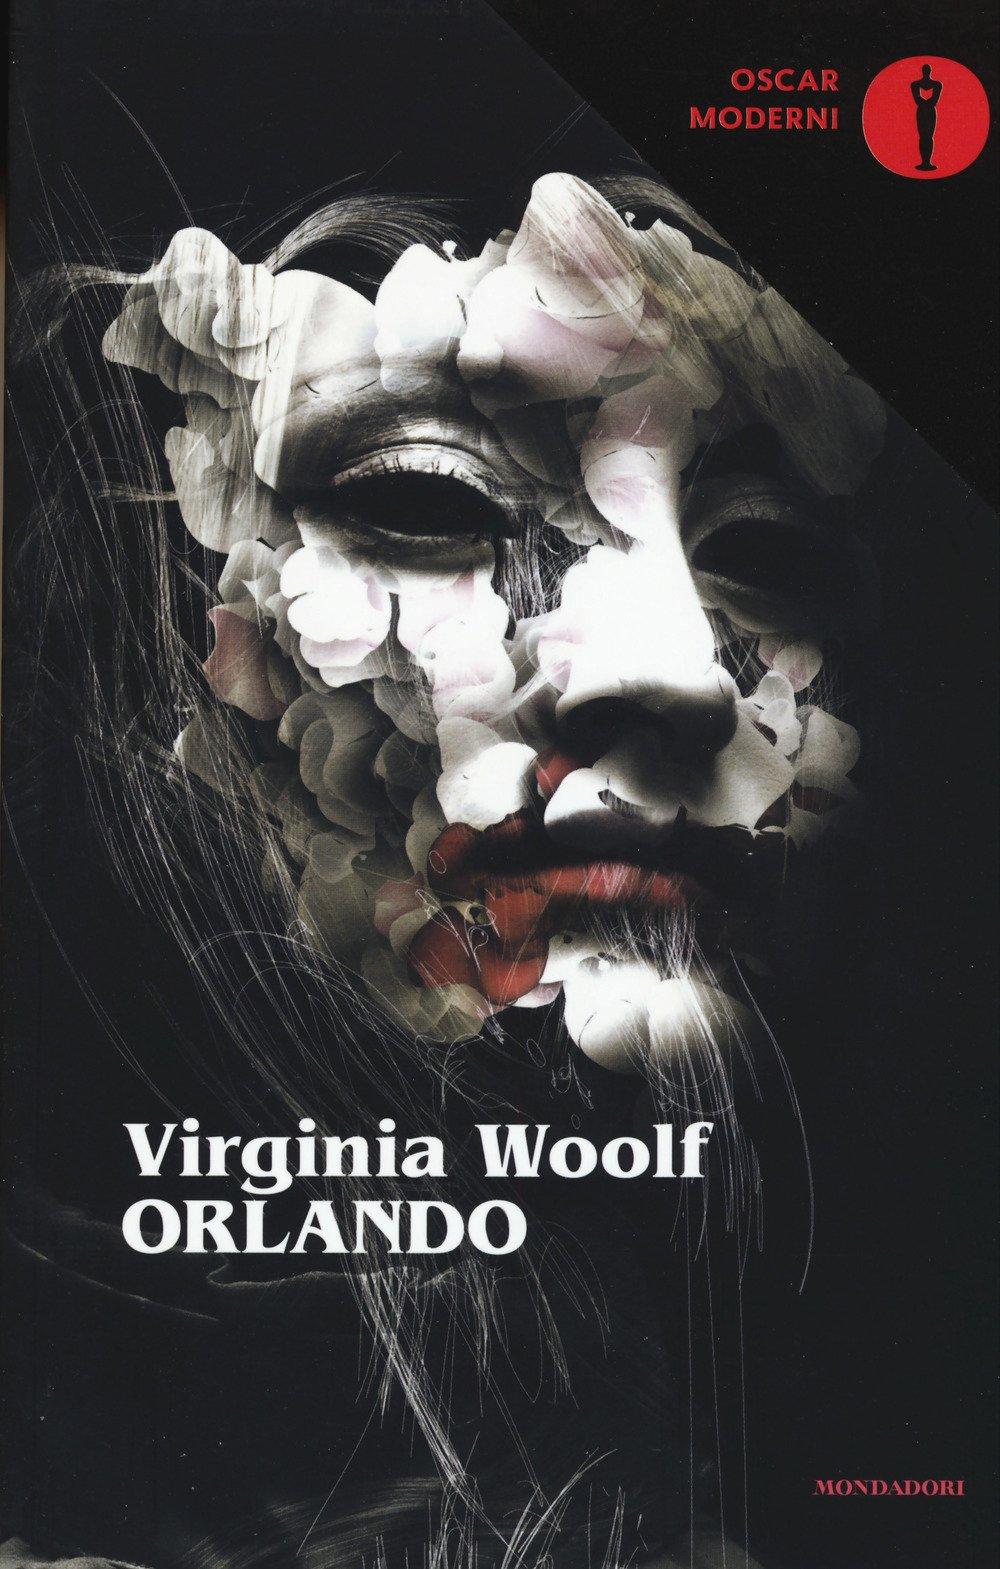 Risultati immagini per Orlando woolf oscar edizioni